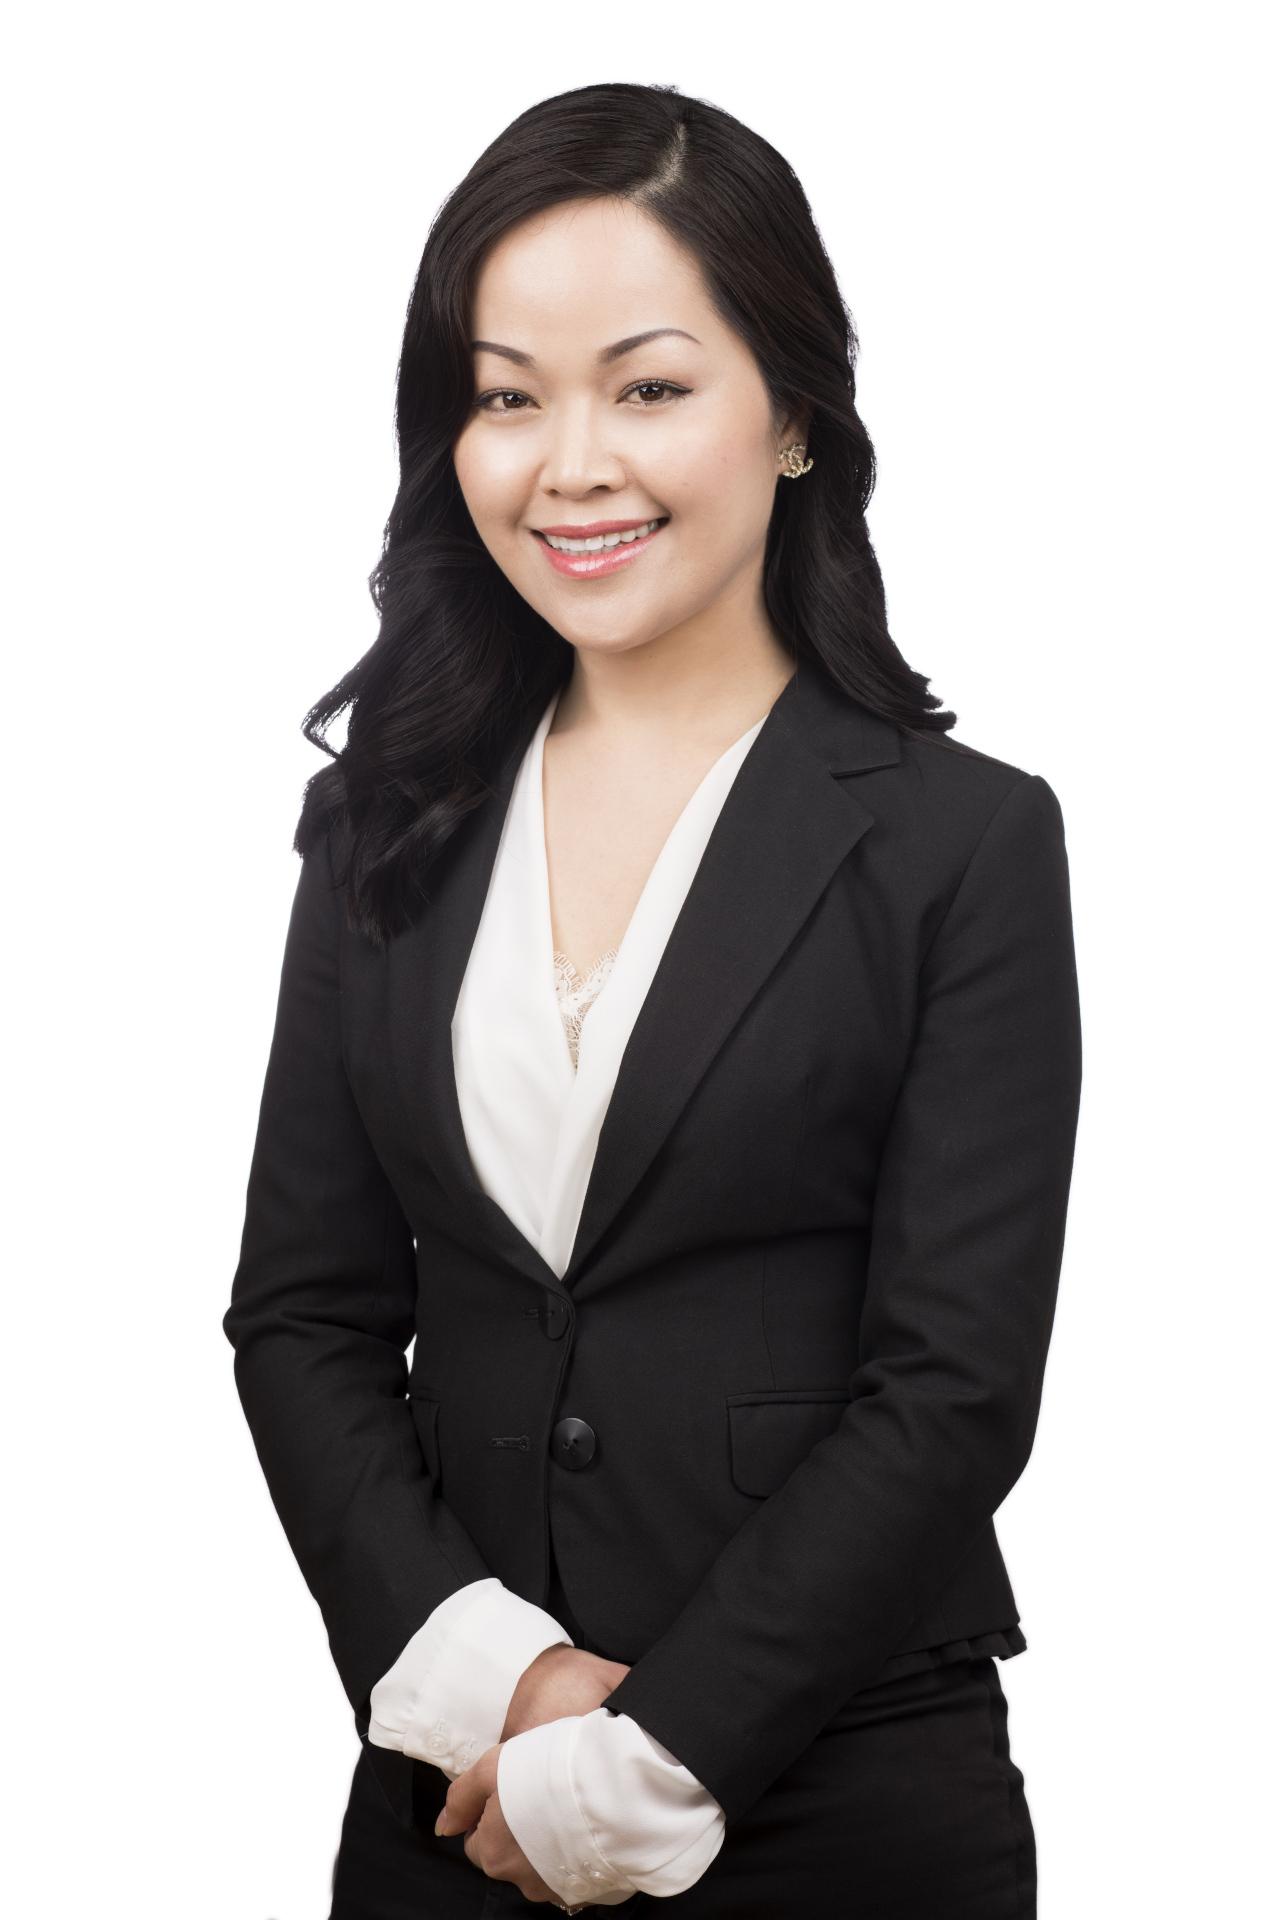 Cynthia Nguyen